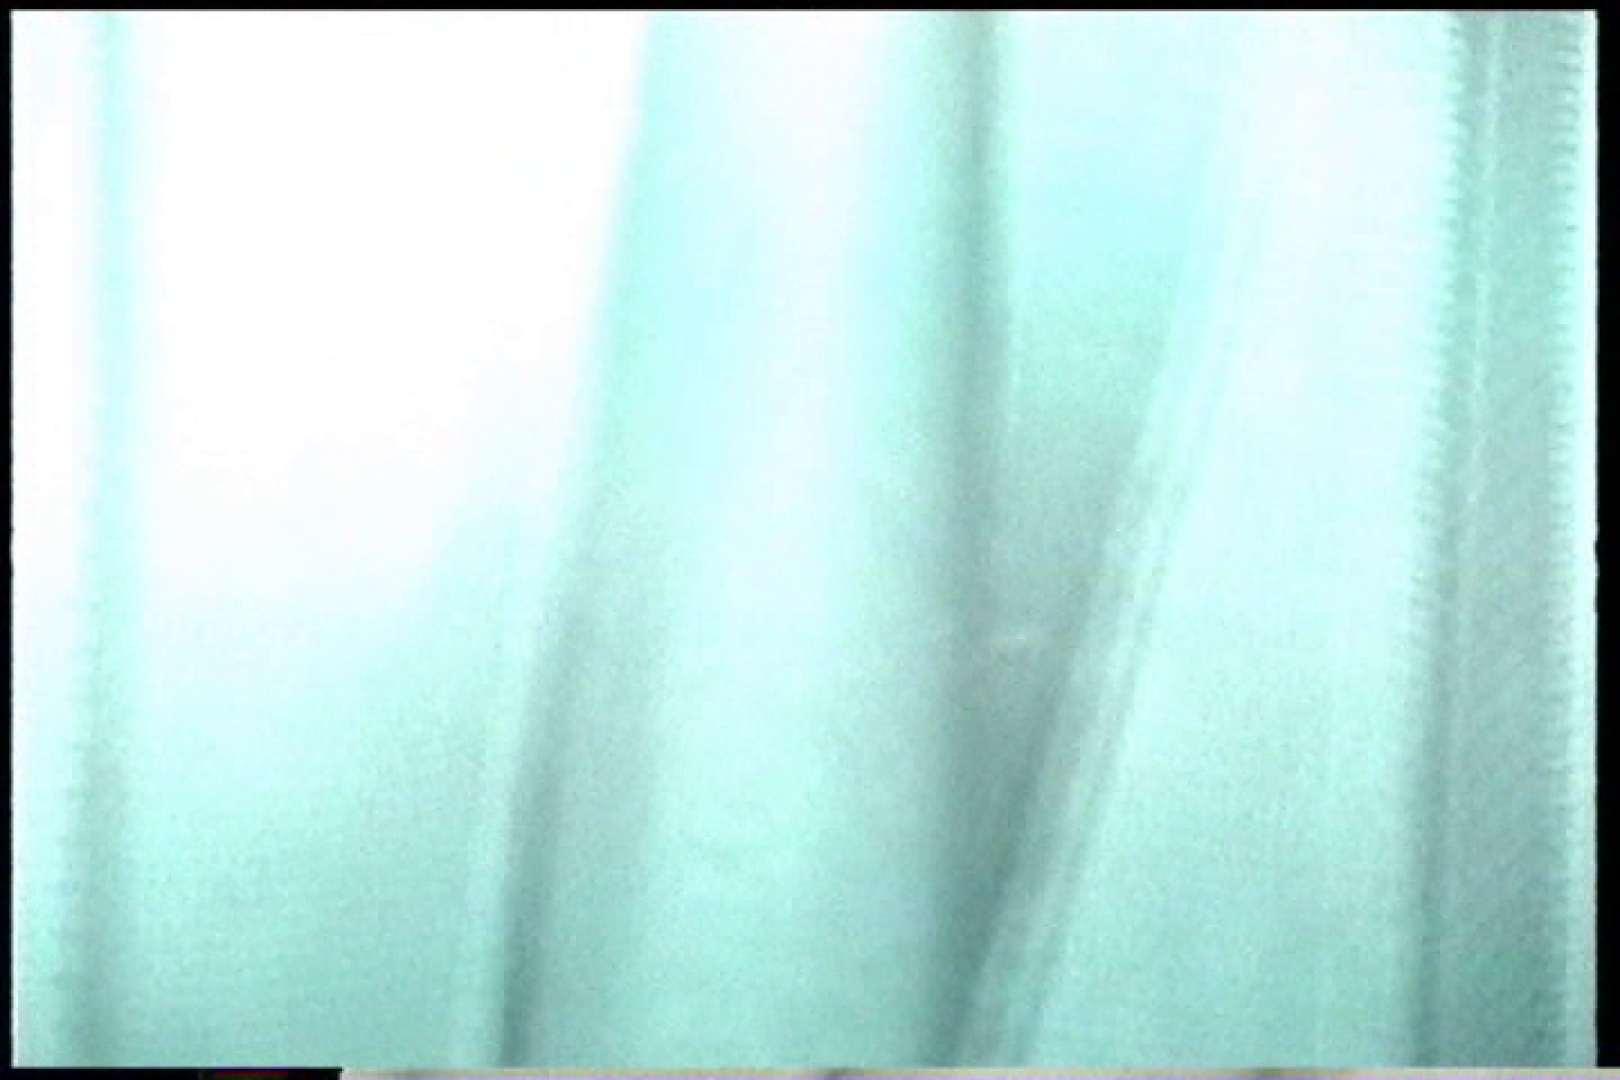 充血監督の深夜の運動会Vol.227 エロティックなOL | エッチなセックス  73画像 69